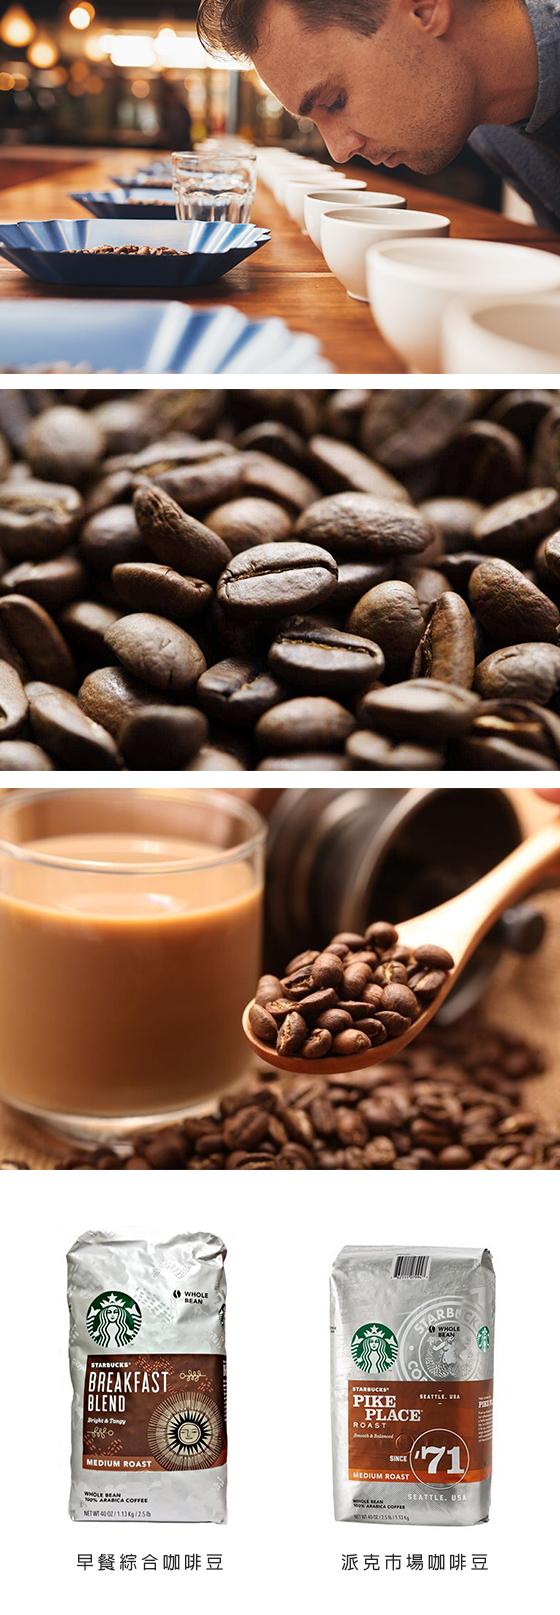 咖啡豆/早餐/综合/星巴克/starbucks/办公室/冲泡/黑咖啡/磨/手冲